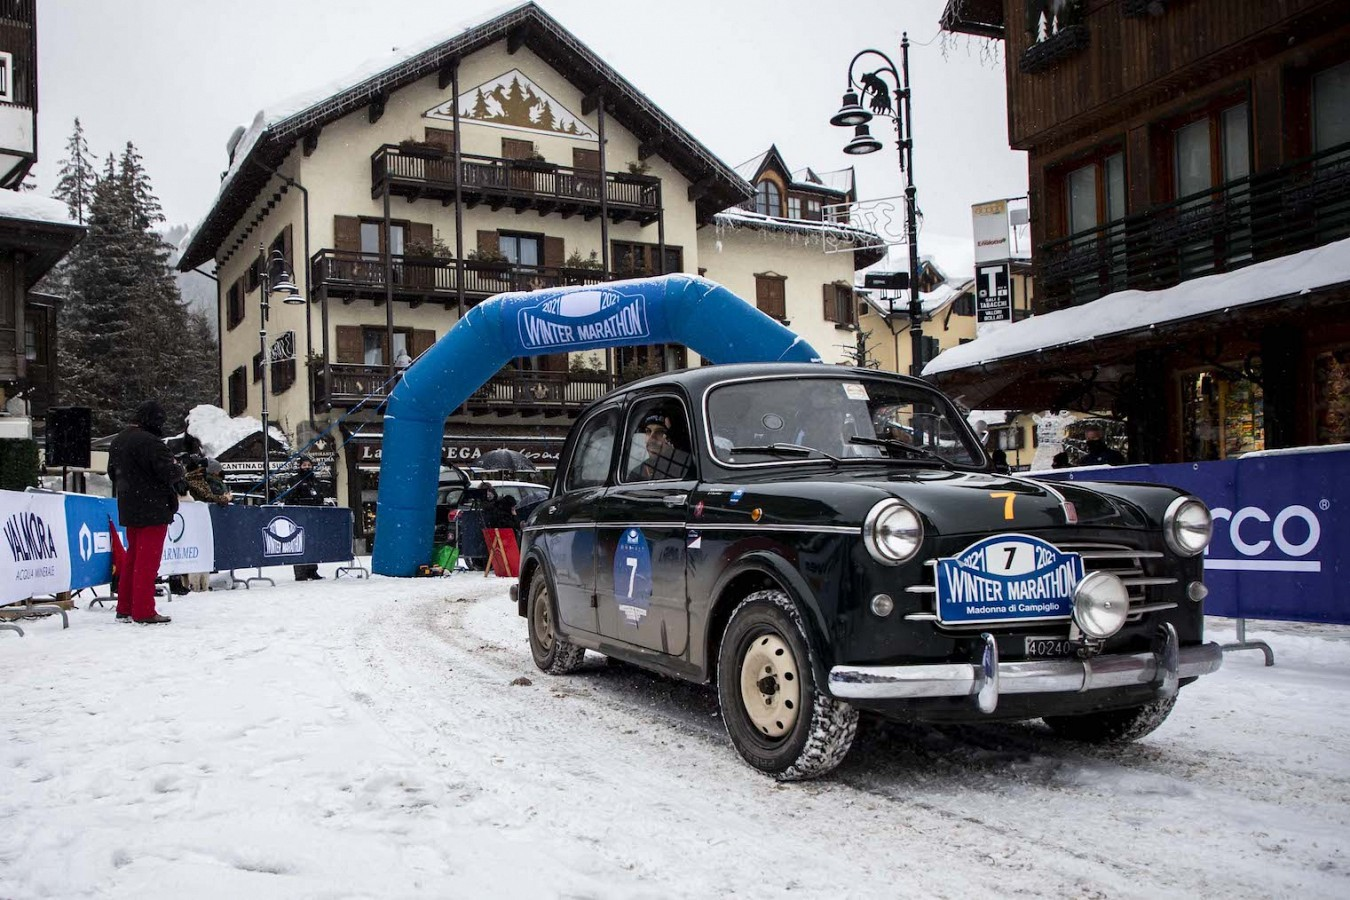 #wintermarathon2021: vincono Bellini-Tiberti su Fiat 508C del 1937. Neve sui passi, spettacolo e successo organizzativo